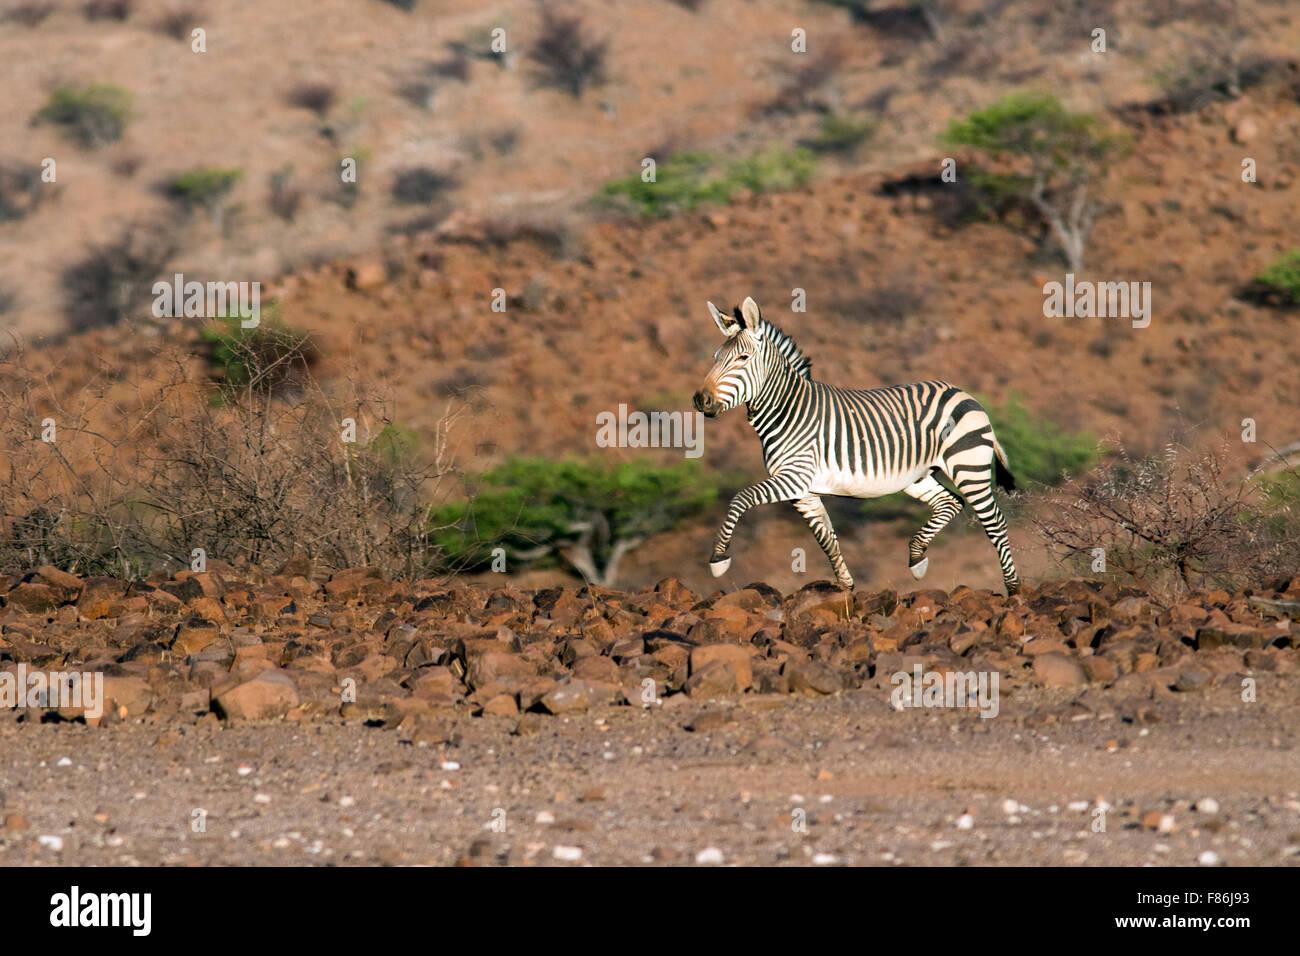 Hartmann's mountain zebra (Equus zebra hartmannae) - Omatendeka Conservancy - Damaraland, Namibia, Africa - Stock Image